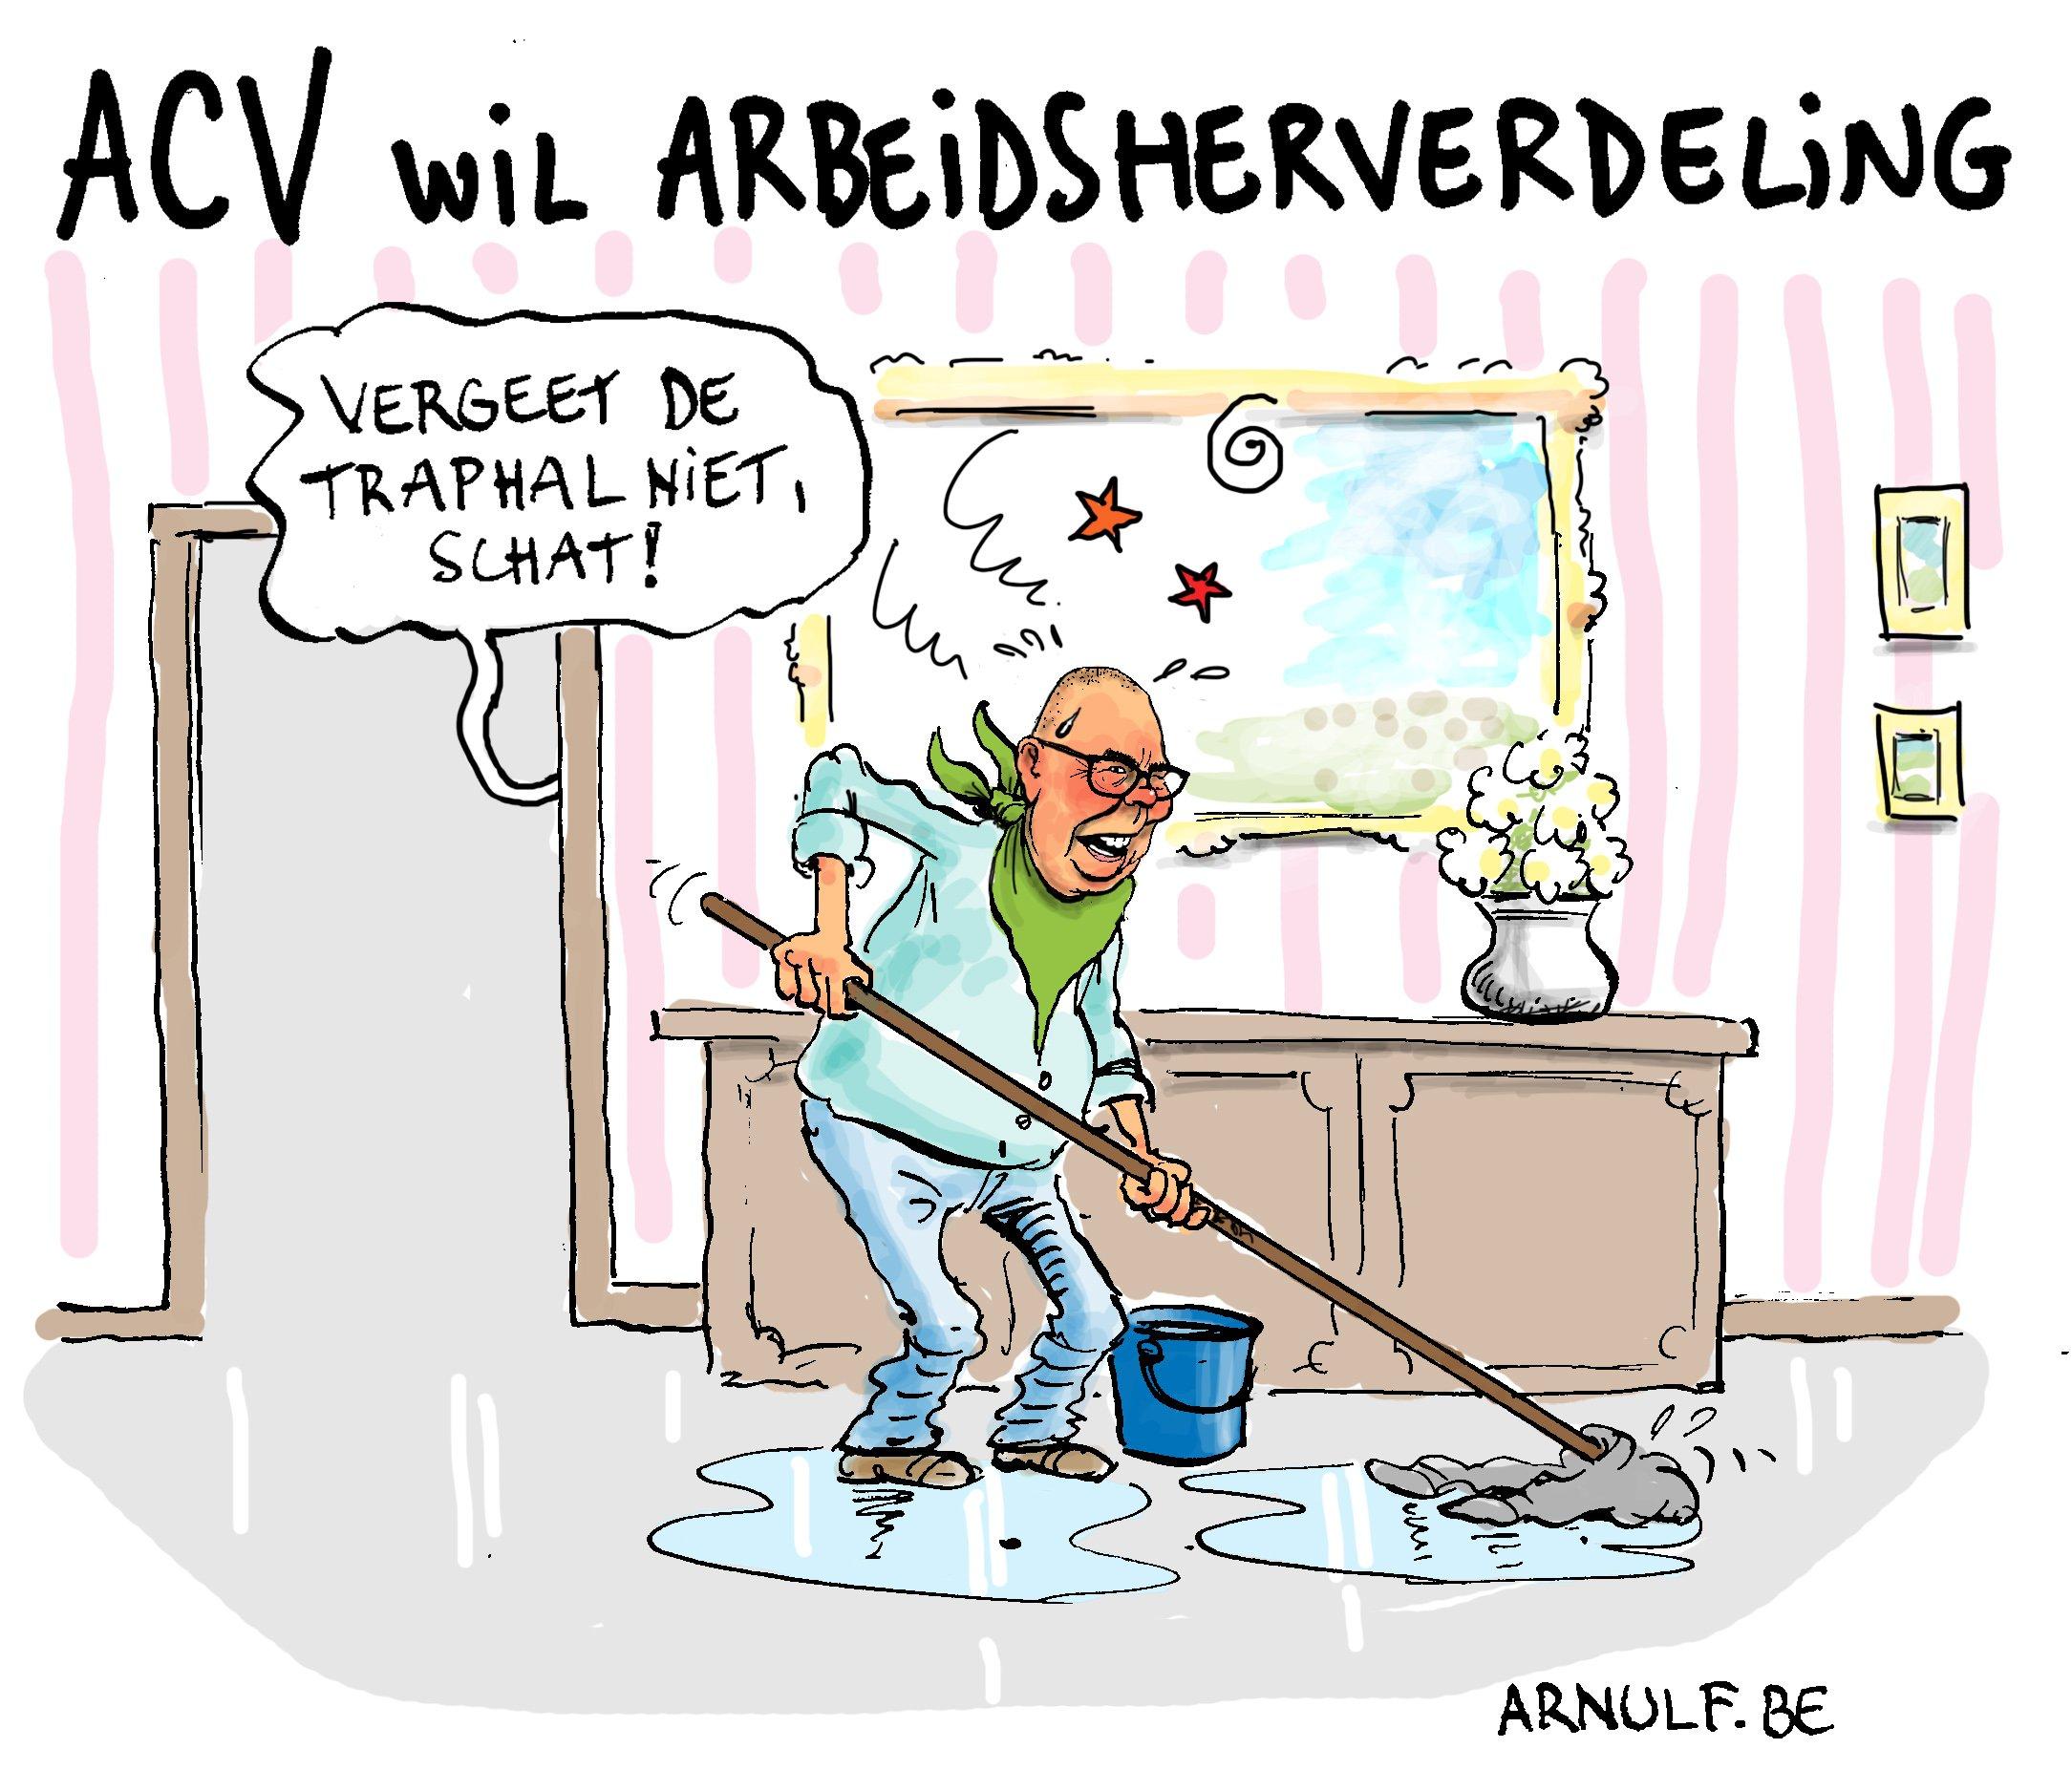 ACV wil arbeidsherverdeling